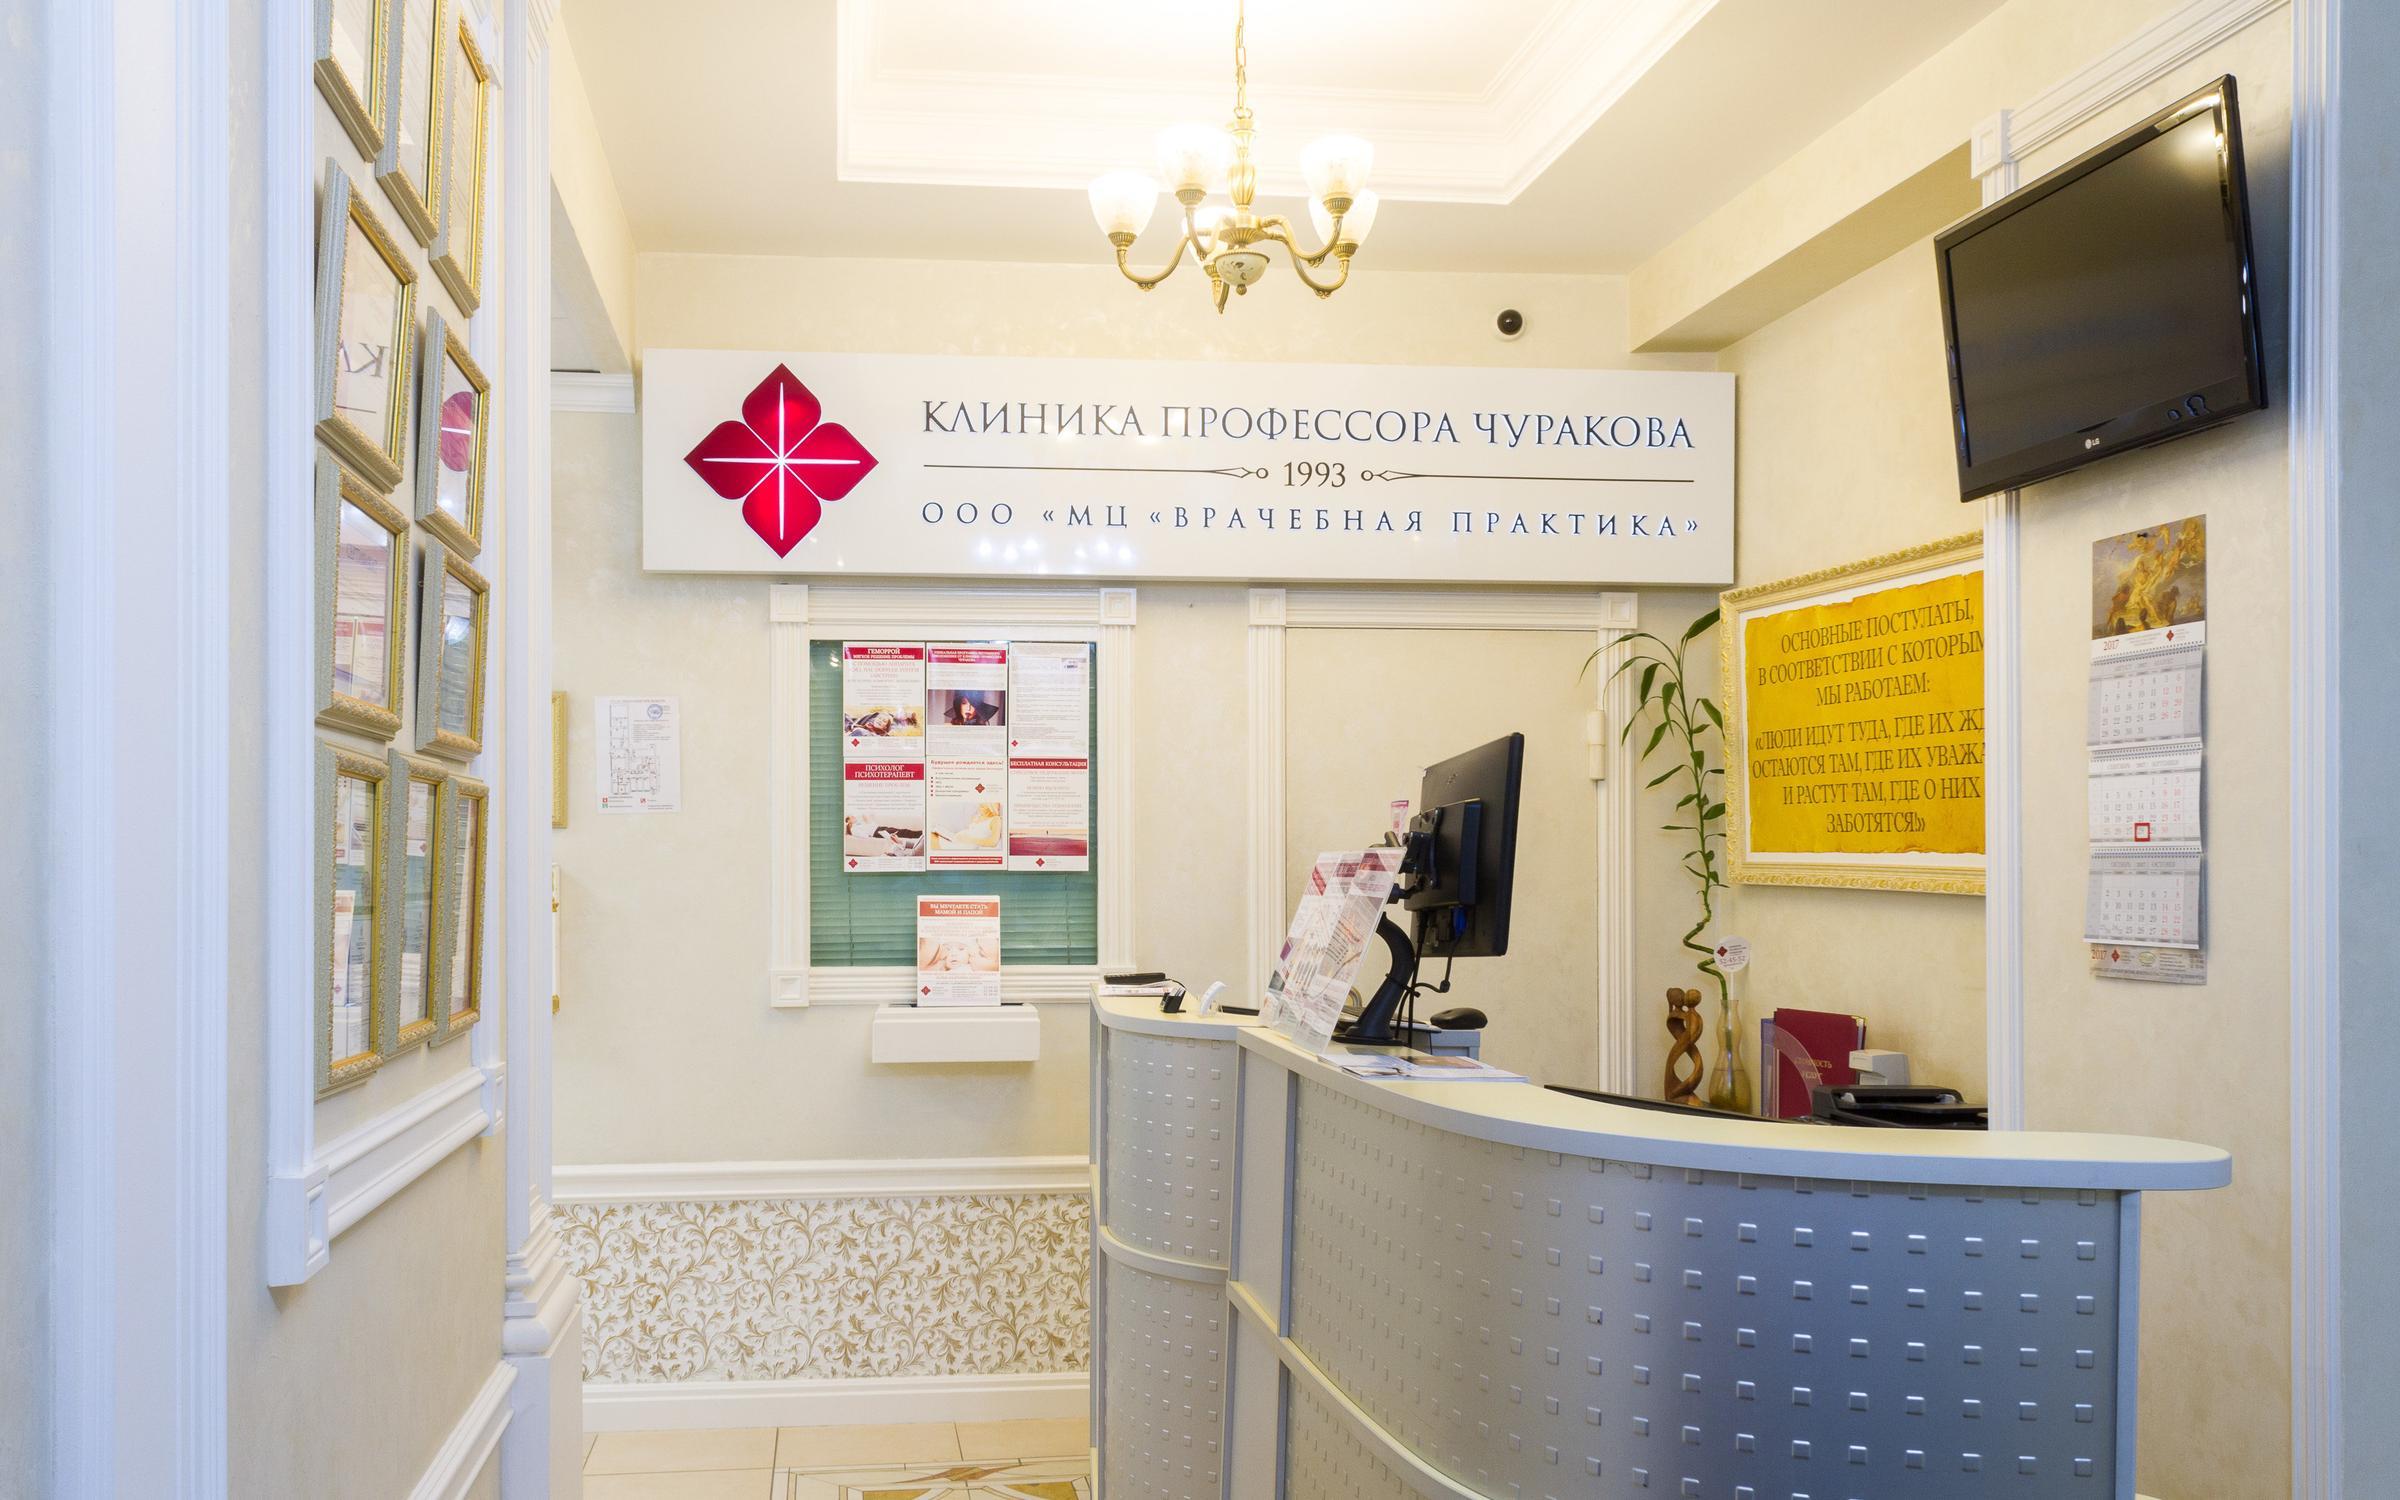 фотография Клиники профессора Чуракова на Шелковичной улице